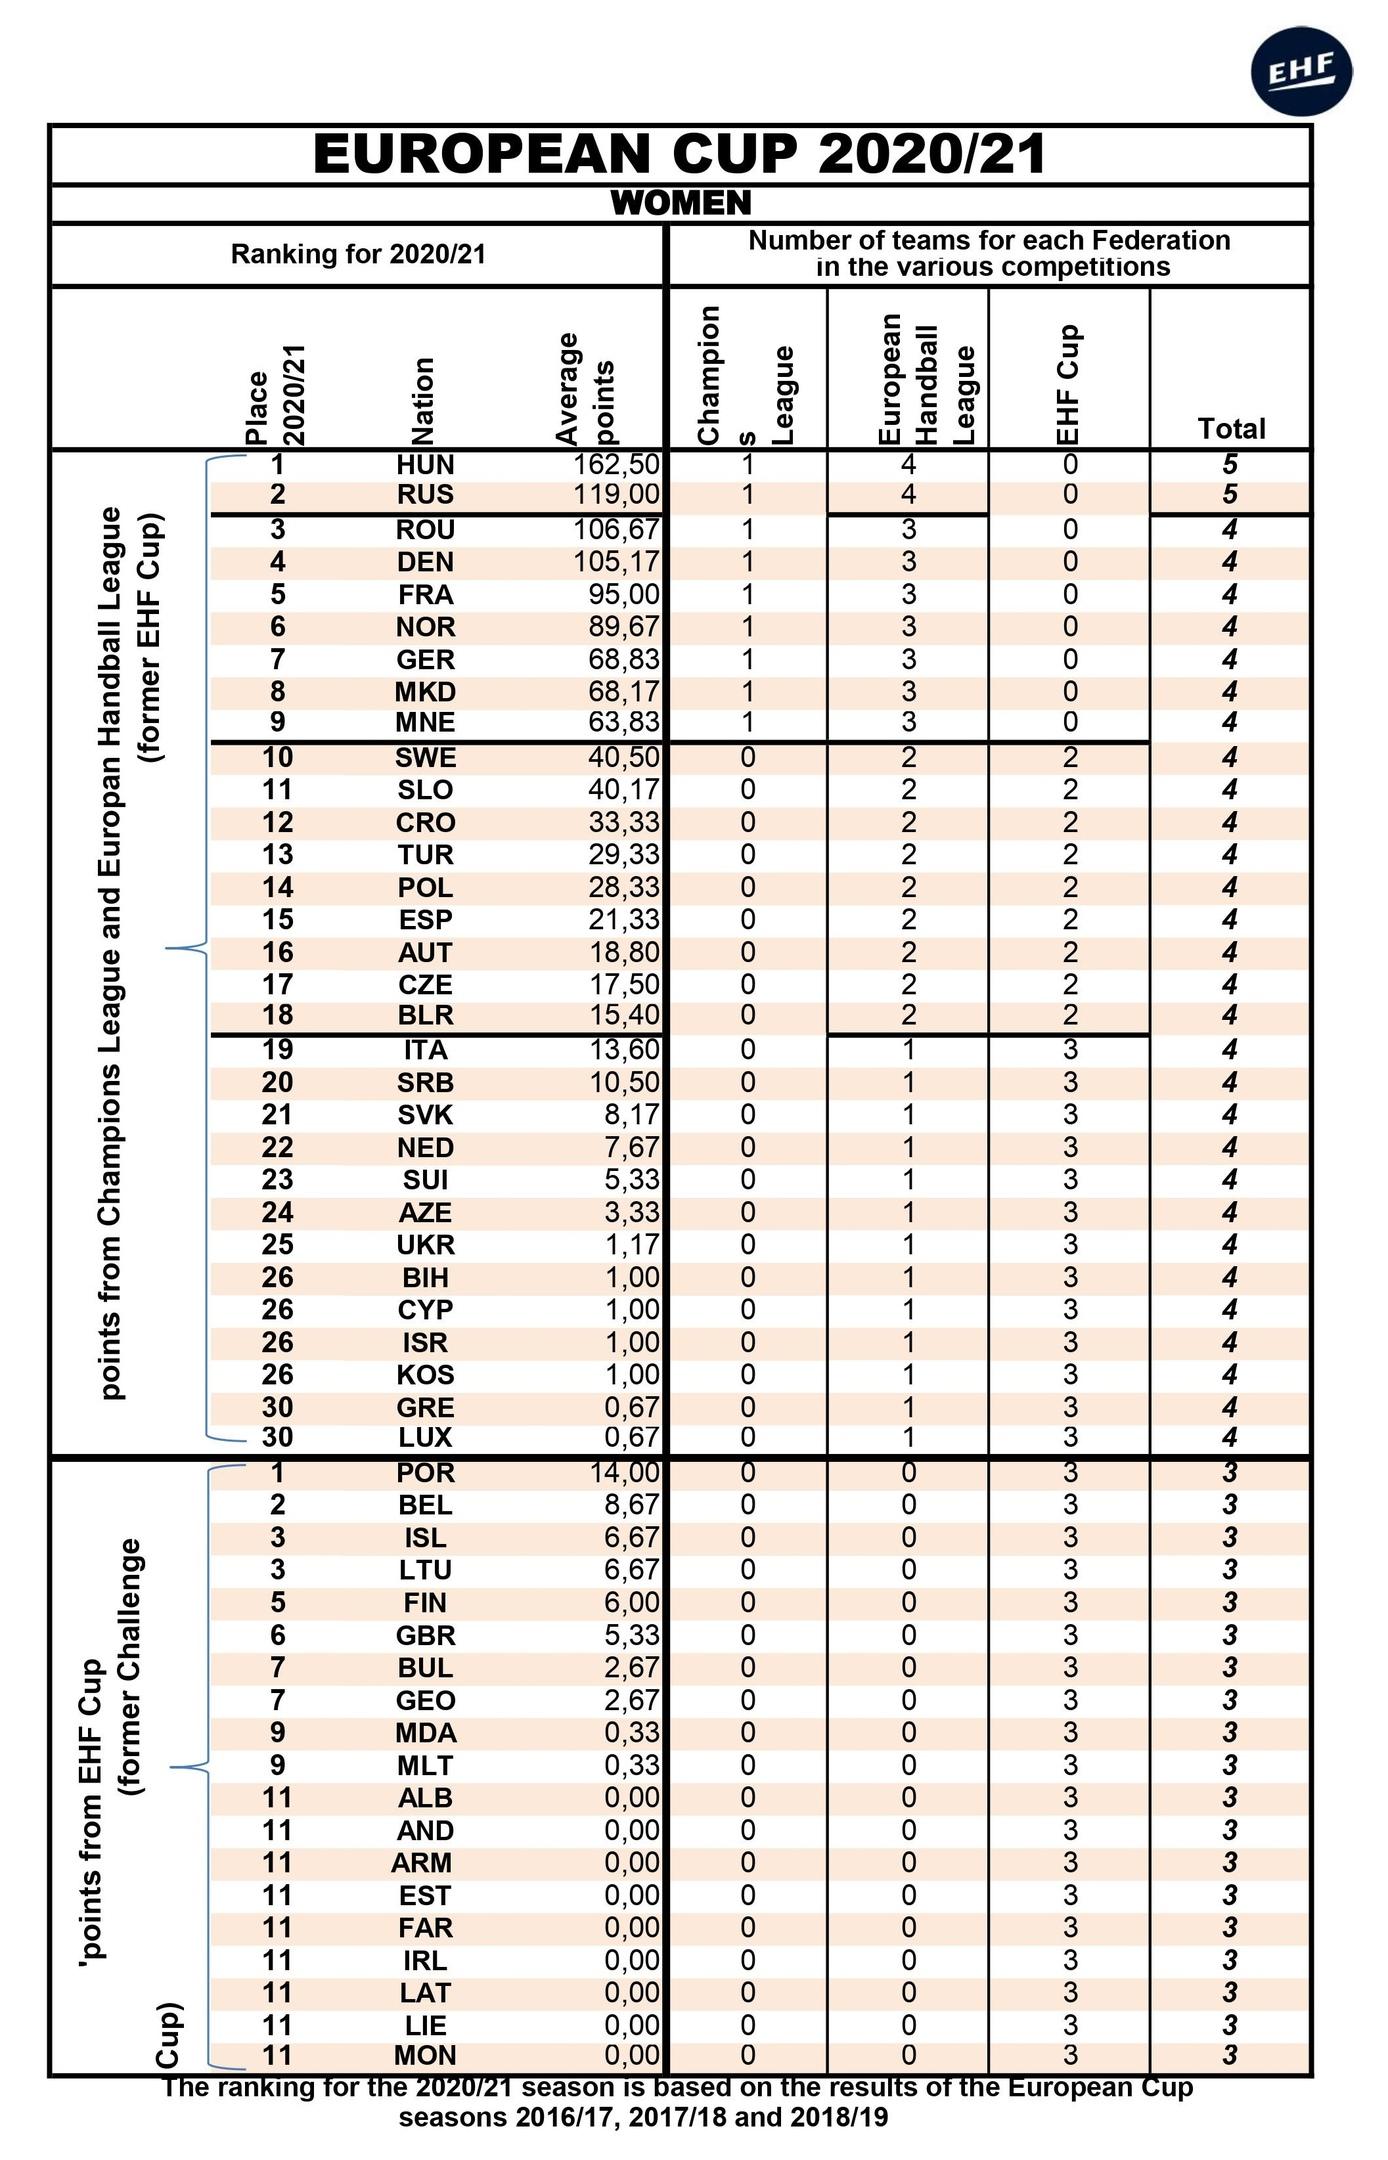 Еврокубки. Уловка-22, или К чему привела новая формула подсчета рейтинга для женщин, изображение №2